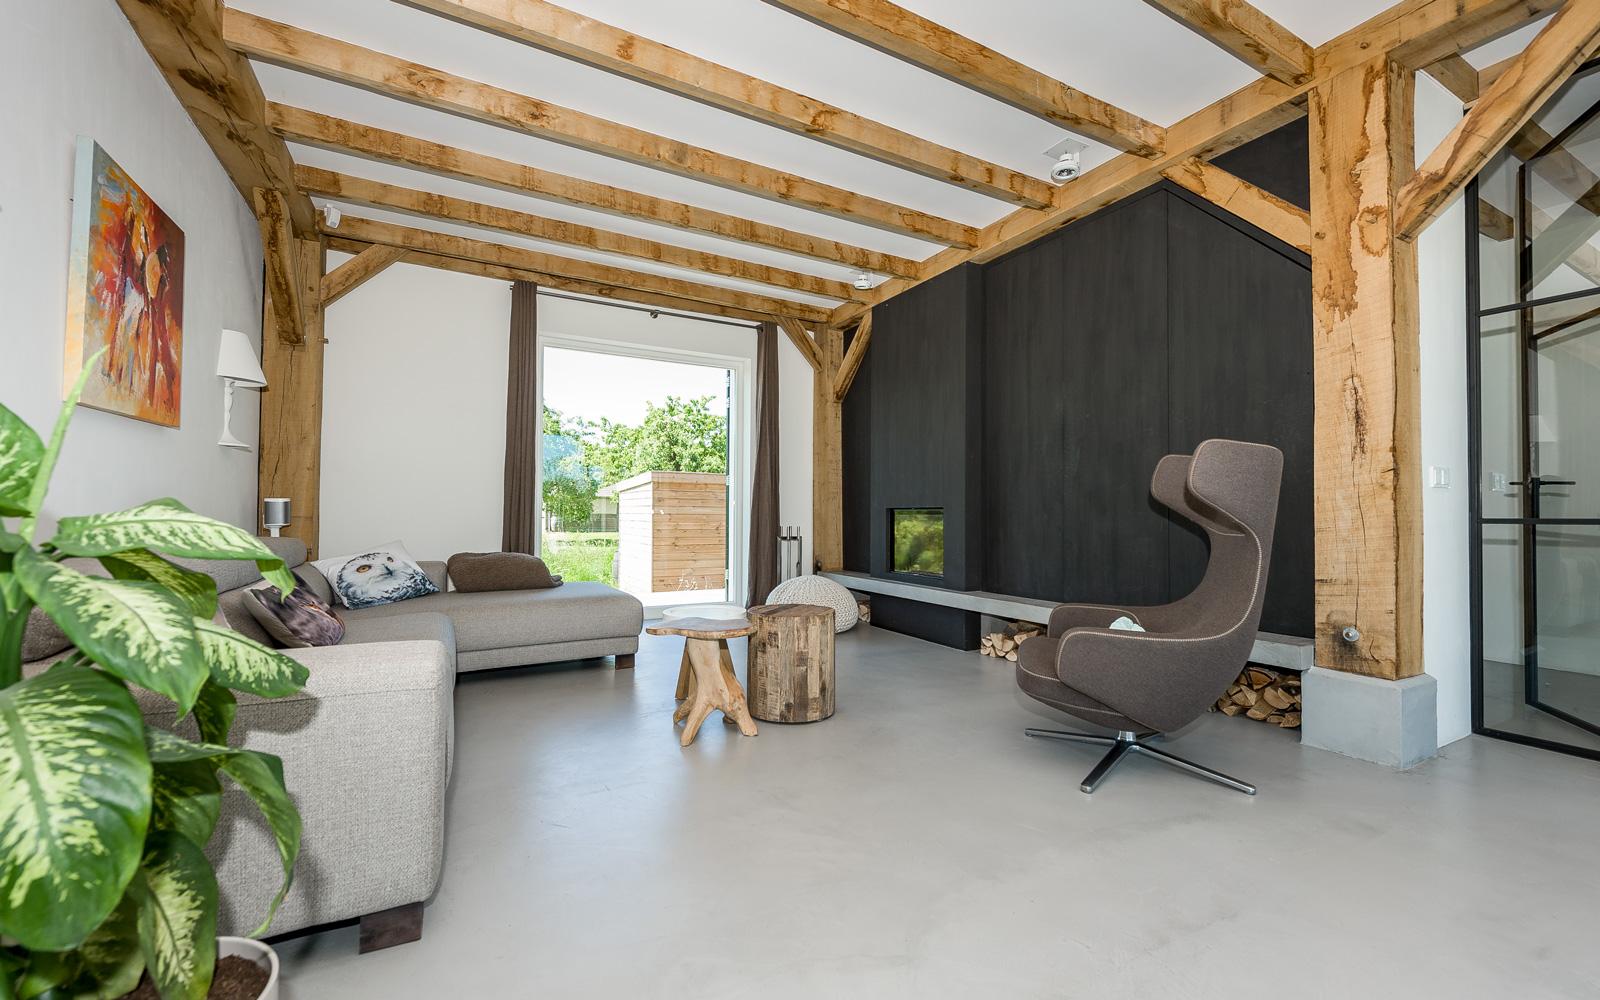 De houtkachel uit de woonkamer is gemaakt door Dick Geurts.